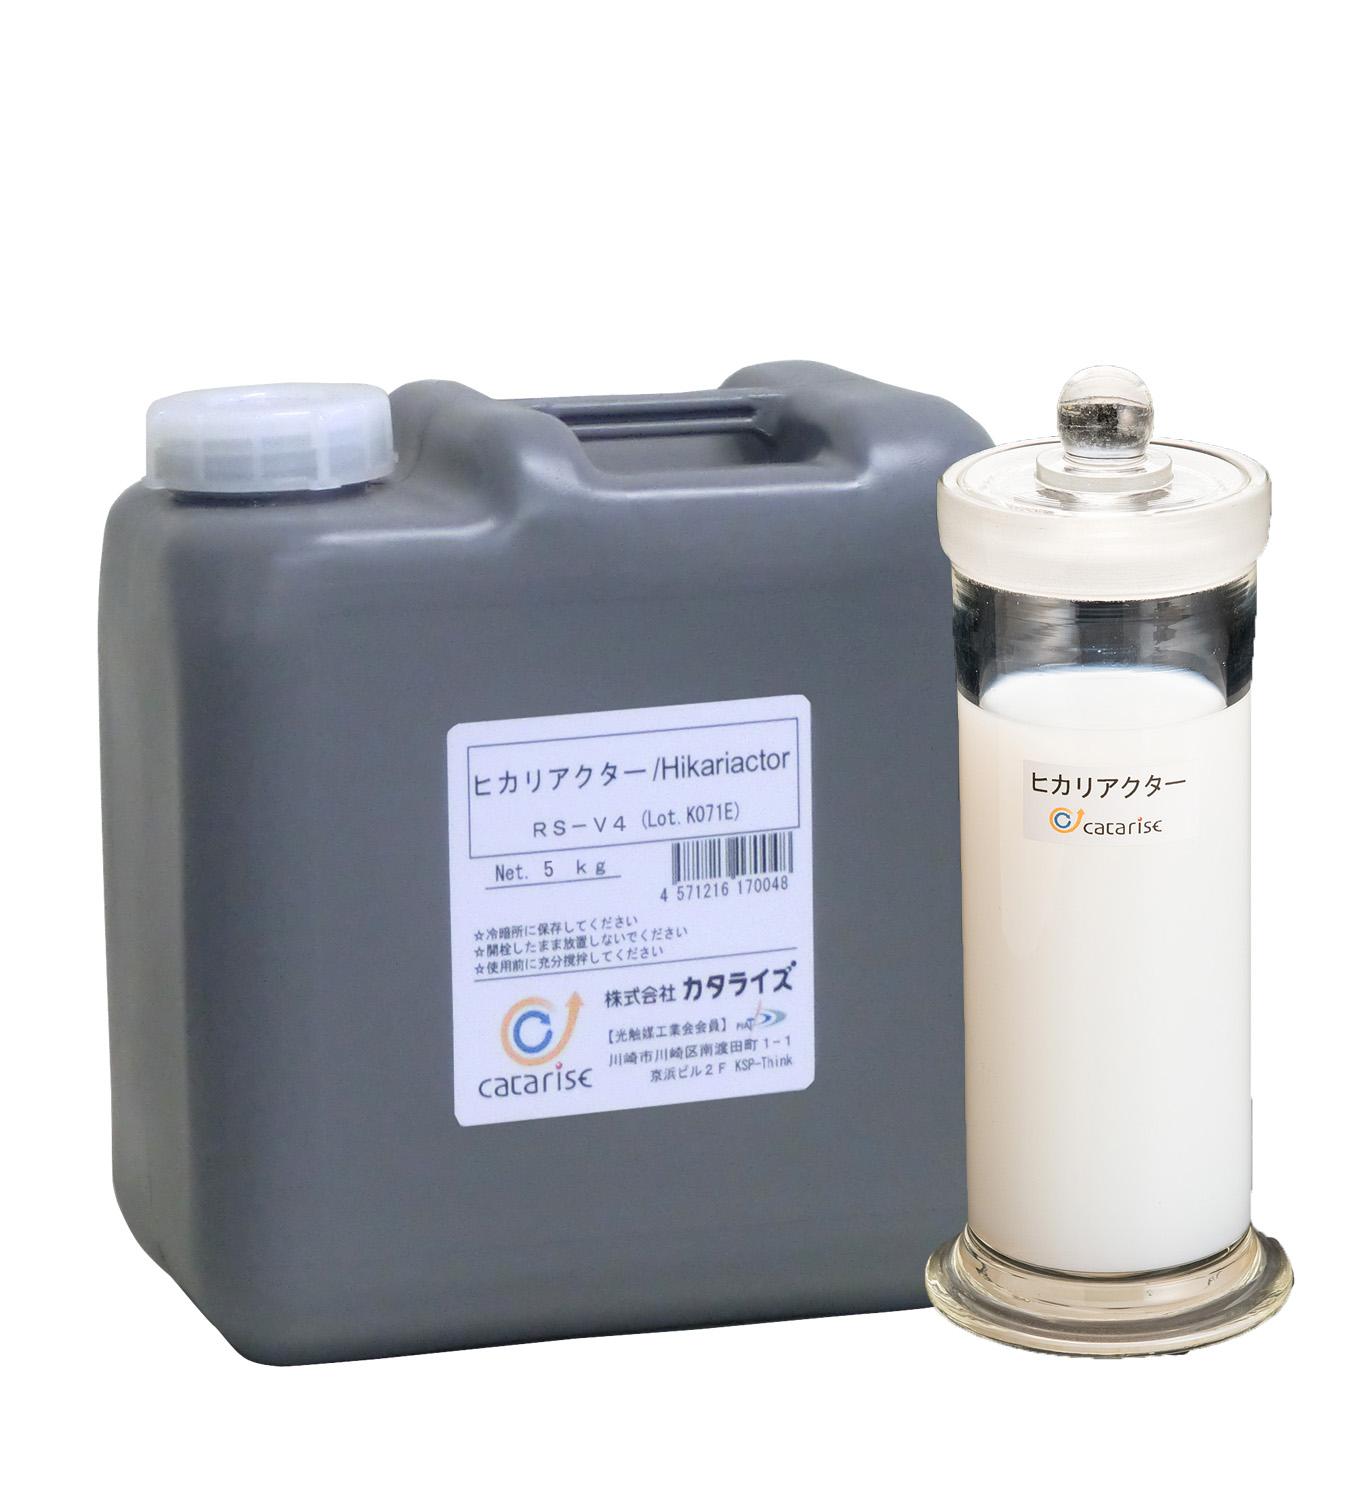 Japan 5kg photocatalyst anti slip workshop waterproof floor coating